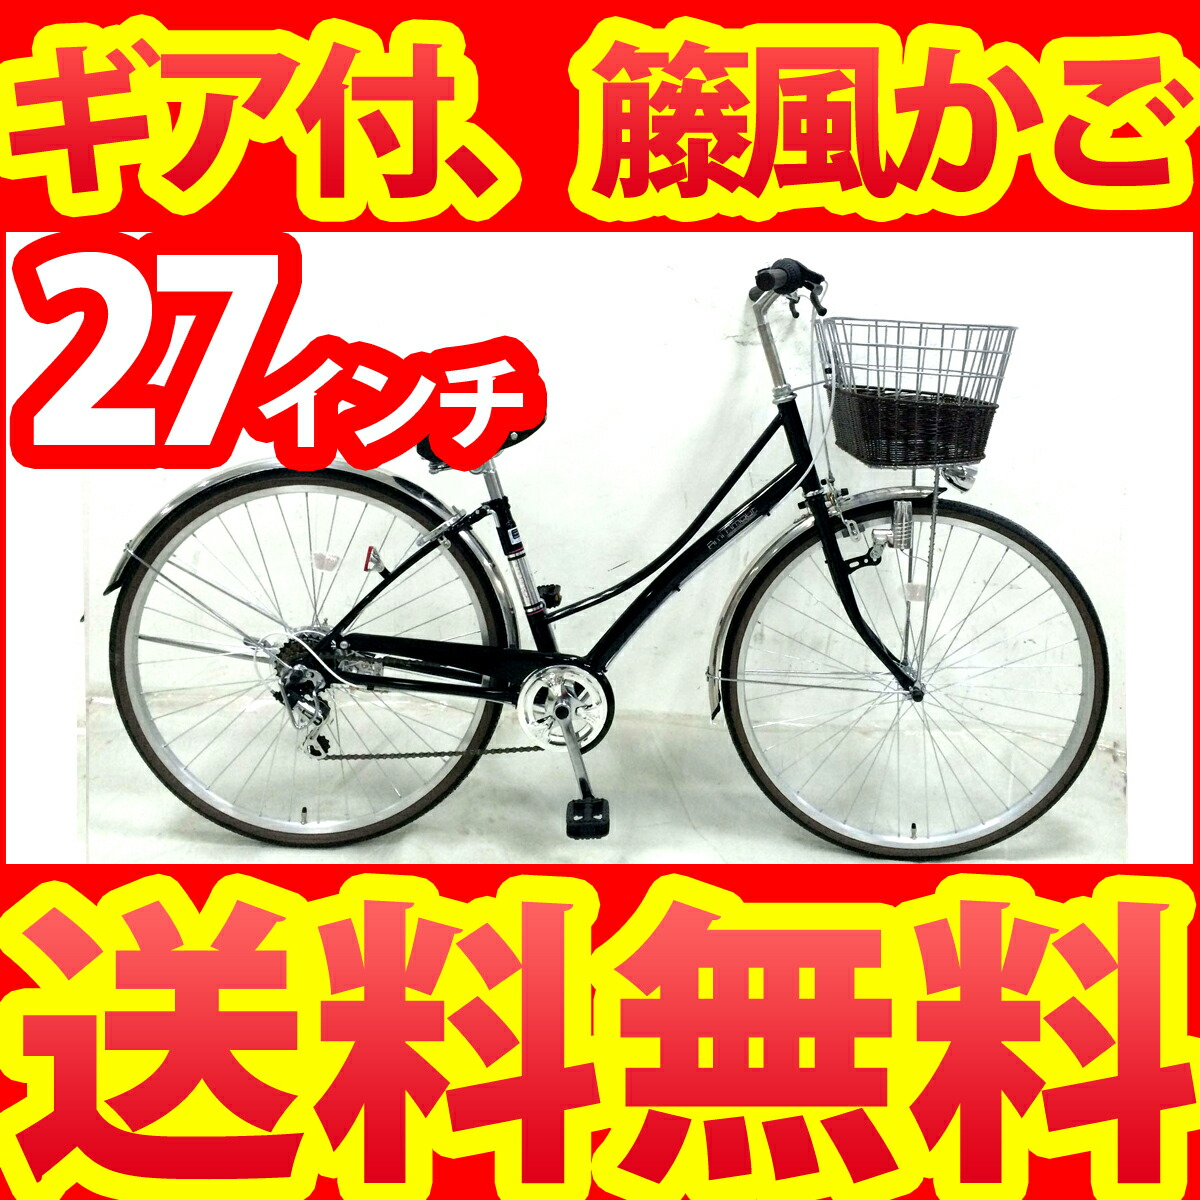 自転車で人気 Ami Amore アミアムール シティサイクル ブラック/黒 通勤 通学に最適 27インチ シティ車 シマノ製 外装6段ギア LEDダイナモ 籐風かご ママチャリ